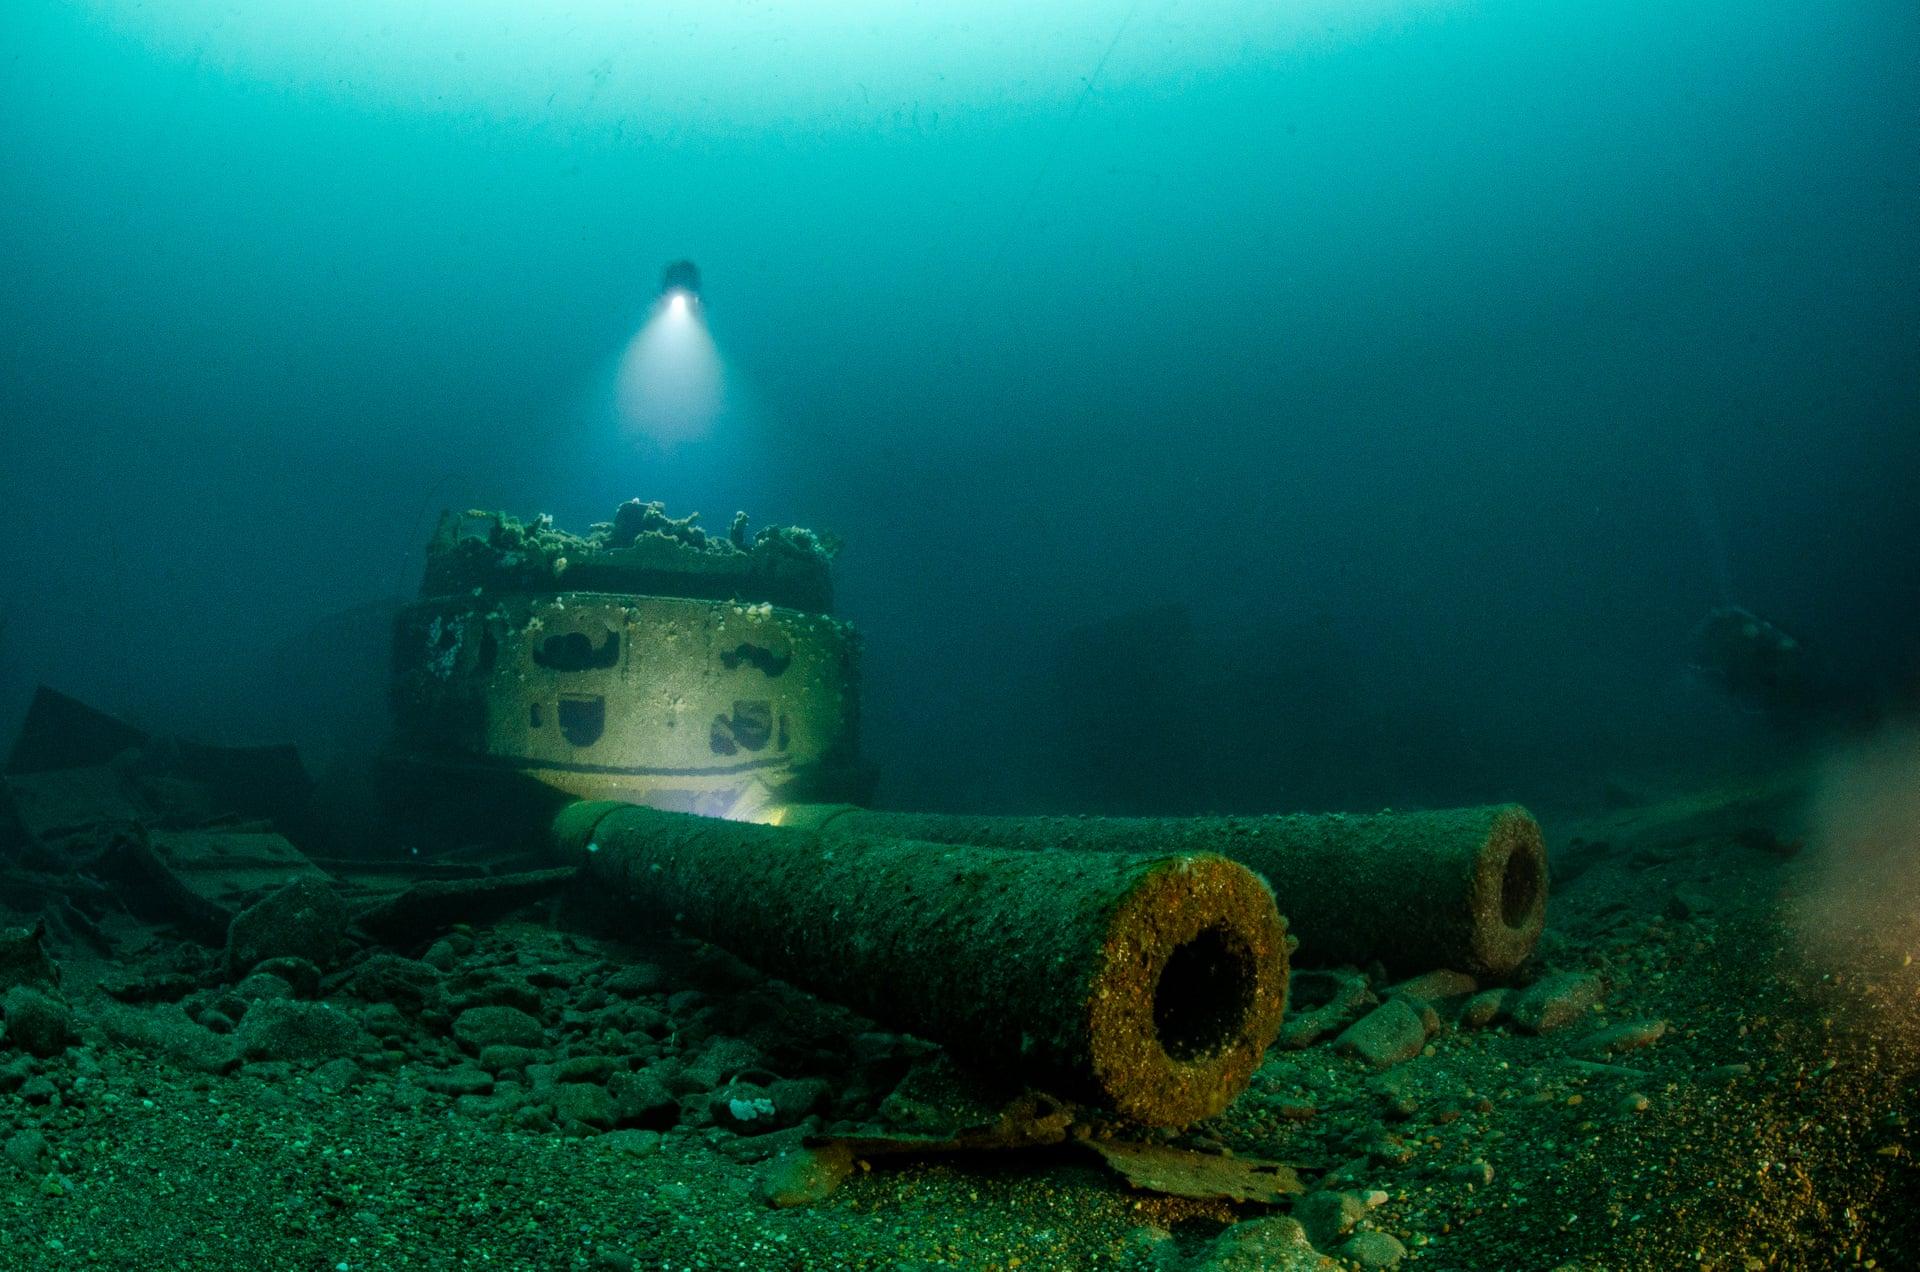 Μεγάλα κανόνια: Νικητής στην κατηγορία «Ναυάγια». «Το πολεμικό πλοίο HMS Audacious βυθίστηκε έξω από τις ακτές της Ιρλανδίας όταν έπεσε πάνω σε νάρκη το 1914. Βρίσκεται σε βάθος 64 μέτρων. Χρησιμοποίησα ένα τρίποδο και μεγάλα φώτα για να καταφέρω να φωτίσω τα κανόνια και να συμπεριλάβω και τον εαυτό μου στη φωτογραφία».